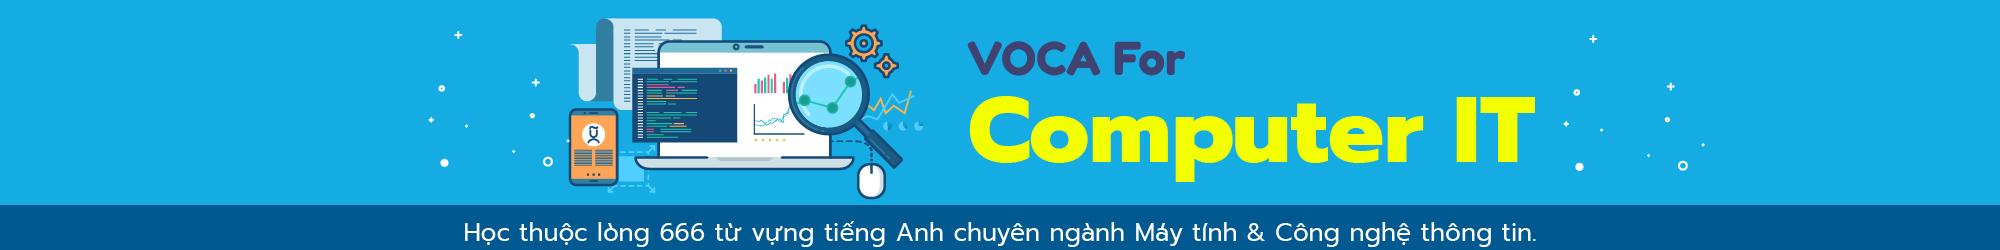 VOCA FOR COMPUTER